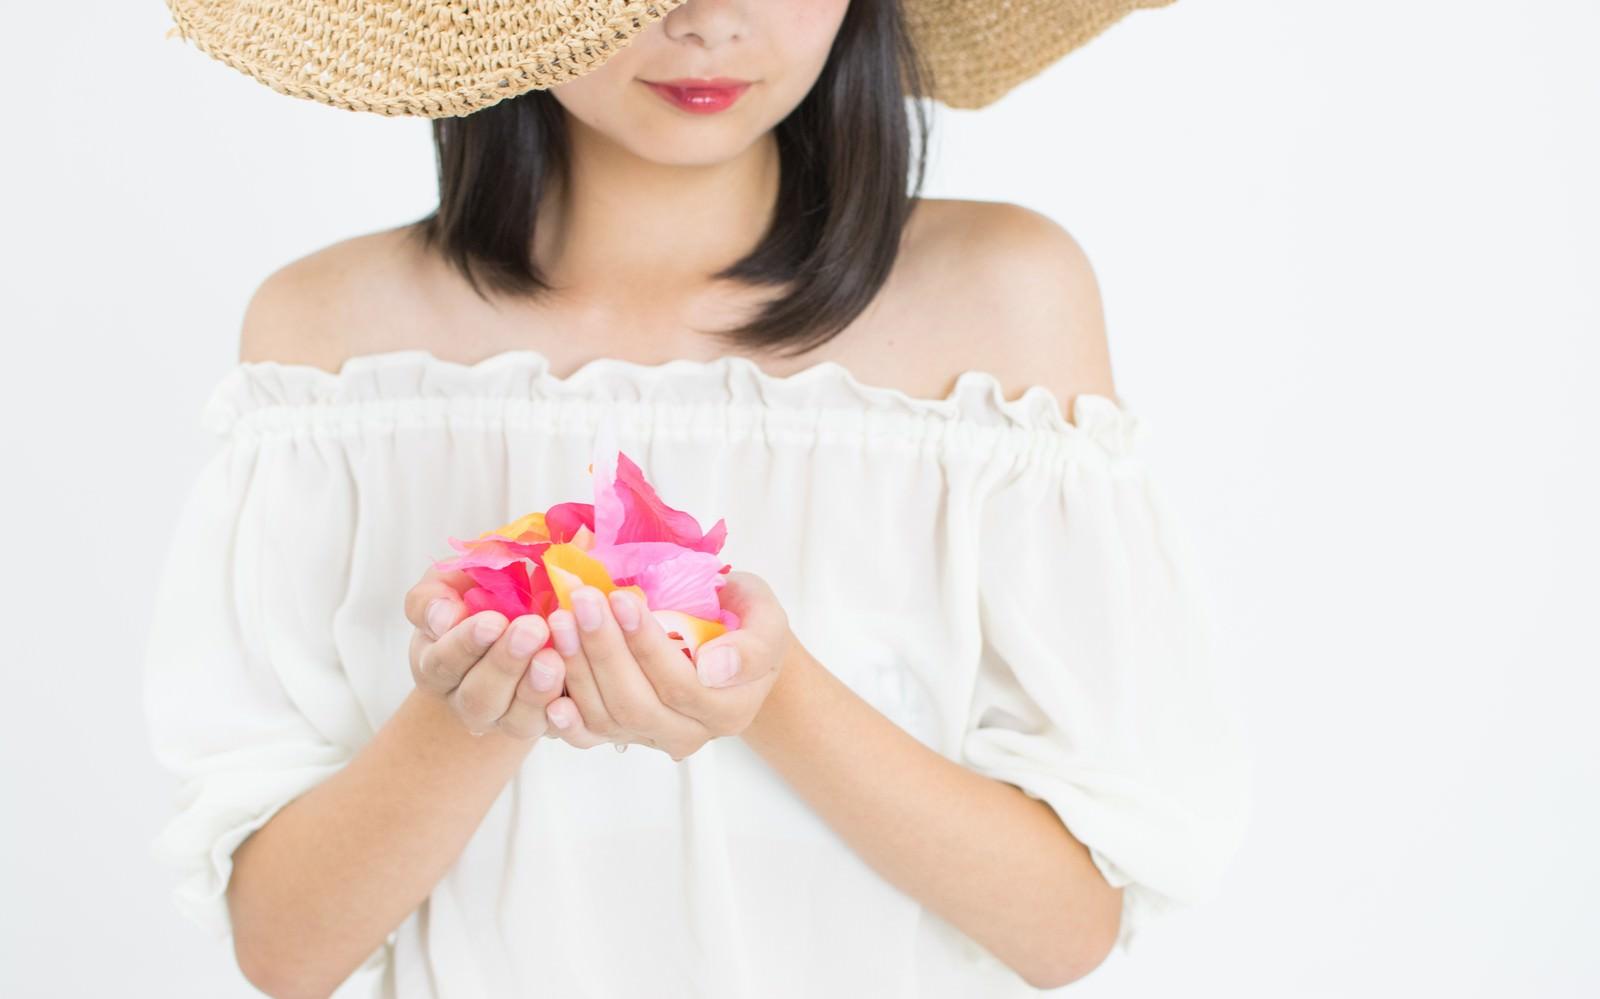 「彩る花を手に抱える女性」の写真